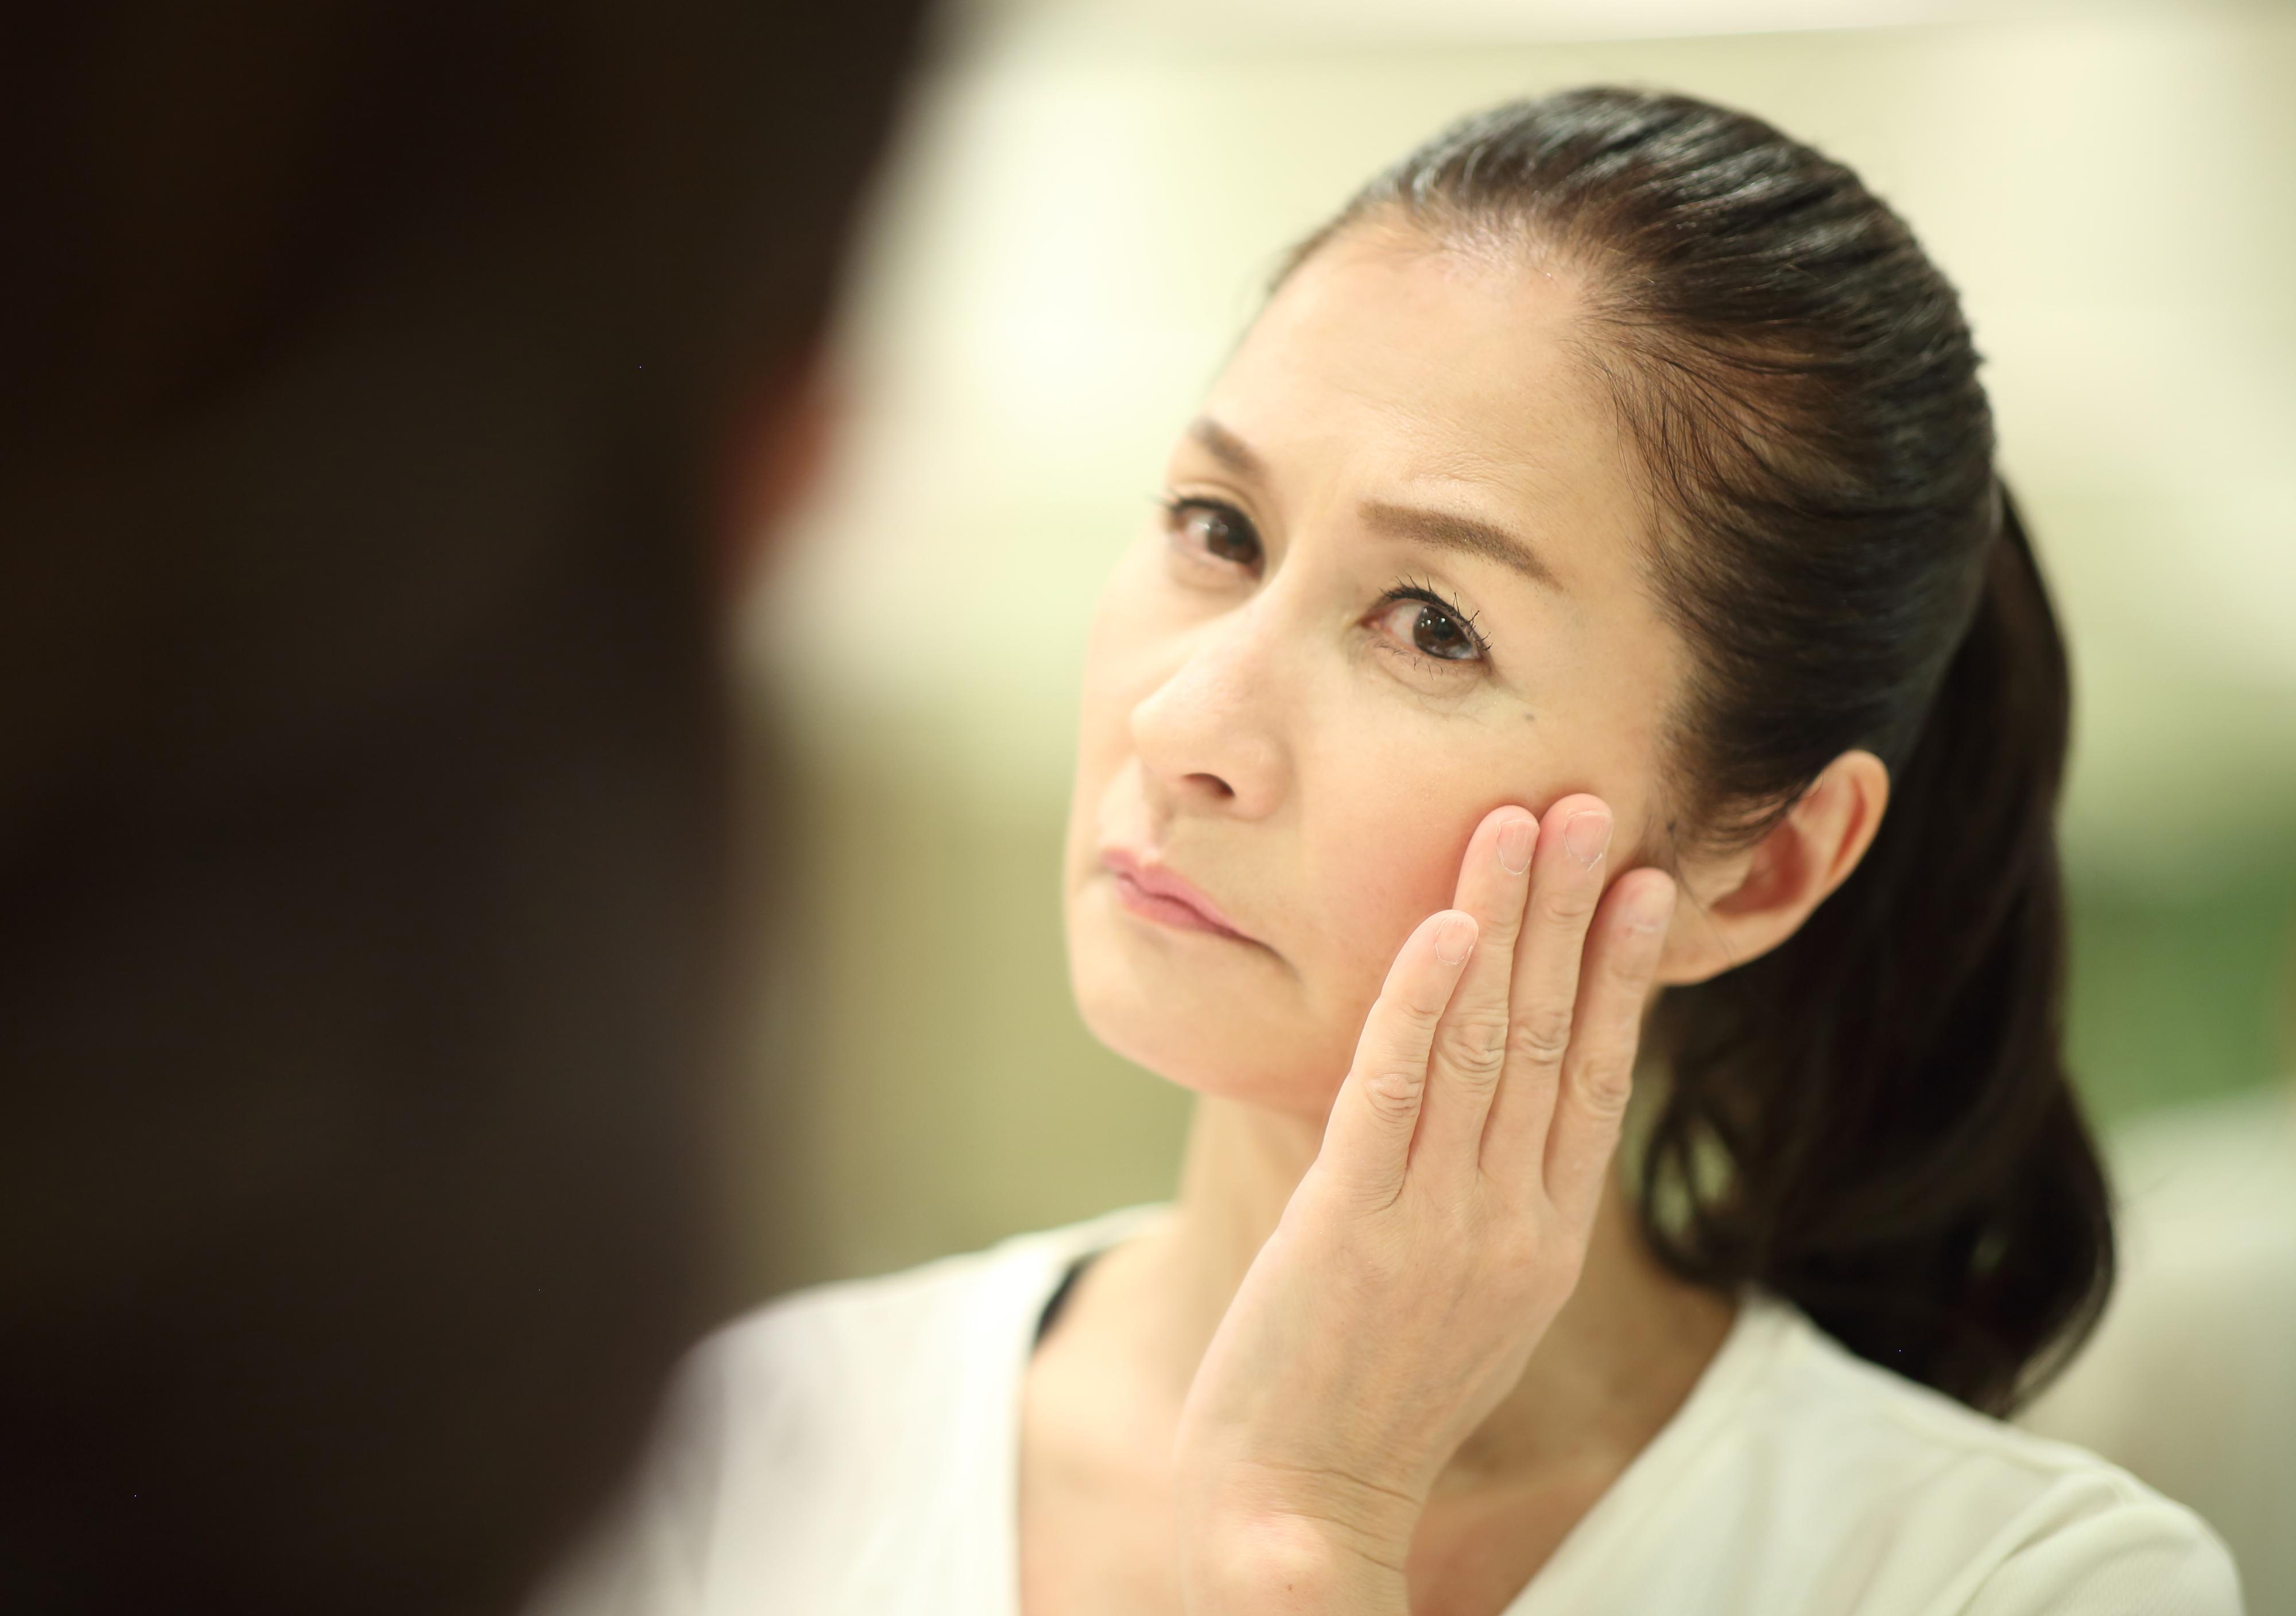 アグネスで汗管腫を治せる!効果的な治療方法とは?